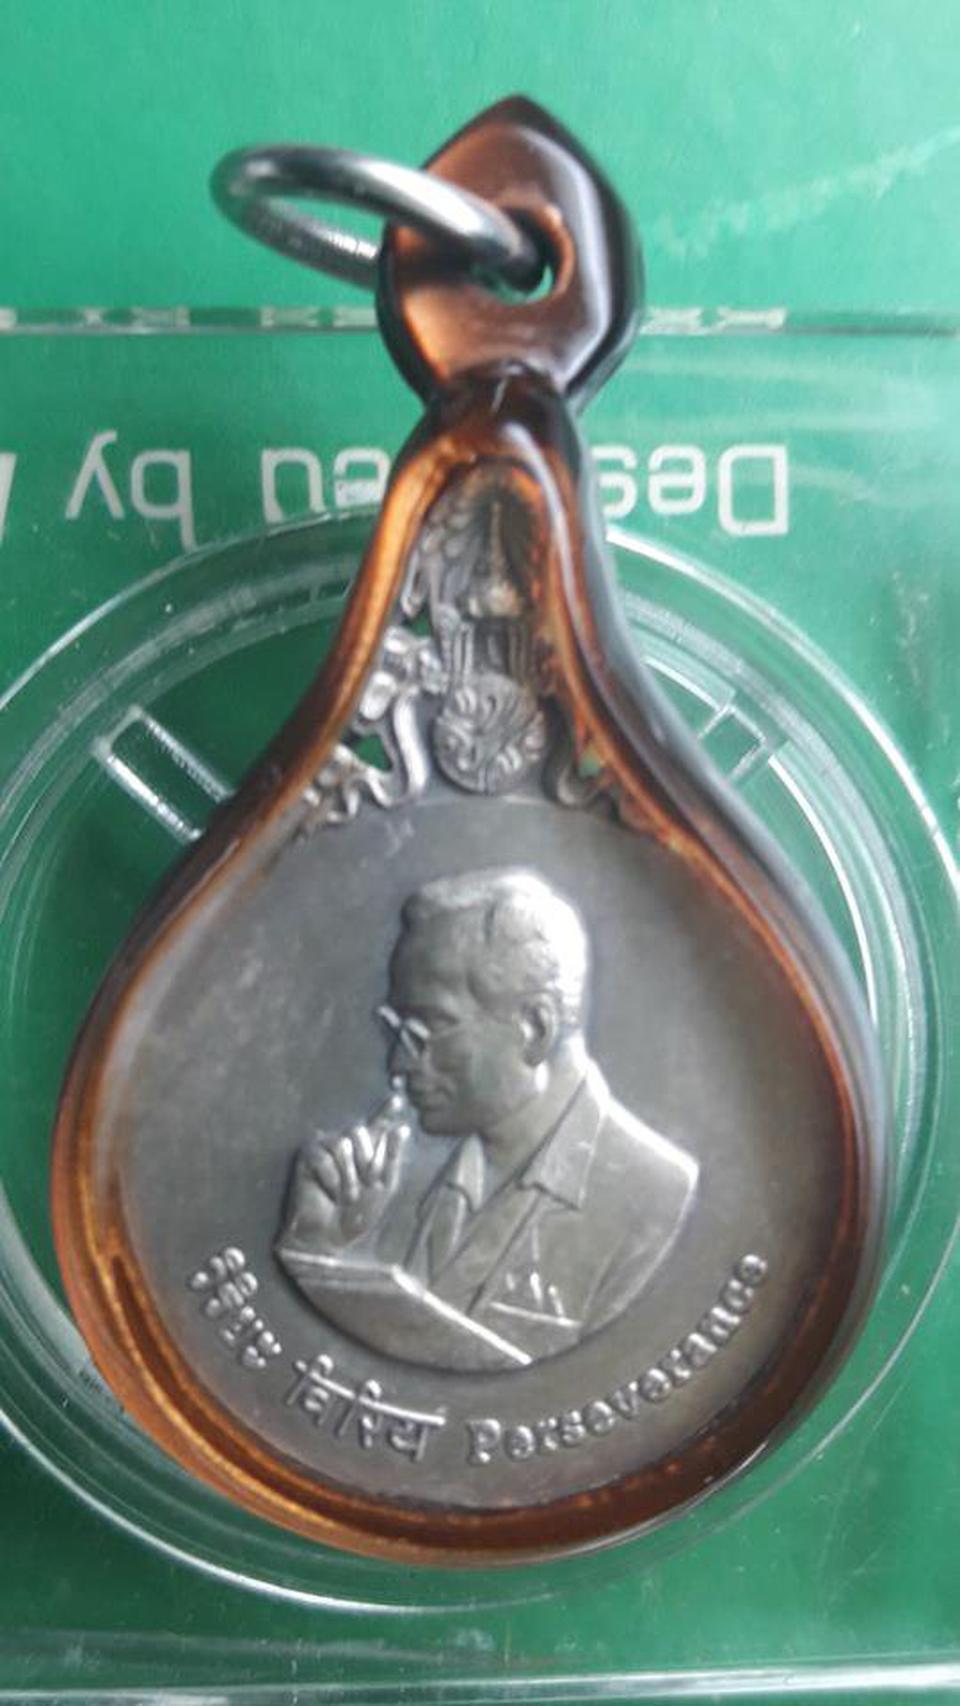 เหรียญพระมหาชนก เนื้อเงินพิมพ์เล็กพร้อมหนังสือ ออกปี 2542 ของแท้แน่นอนครับ รูปที่ 1